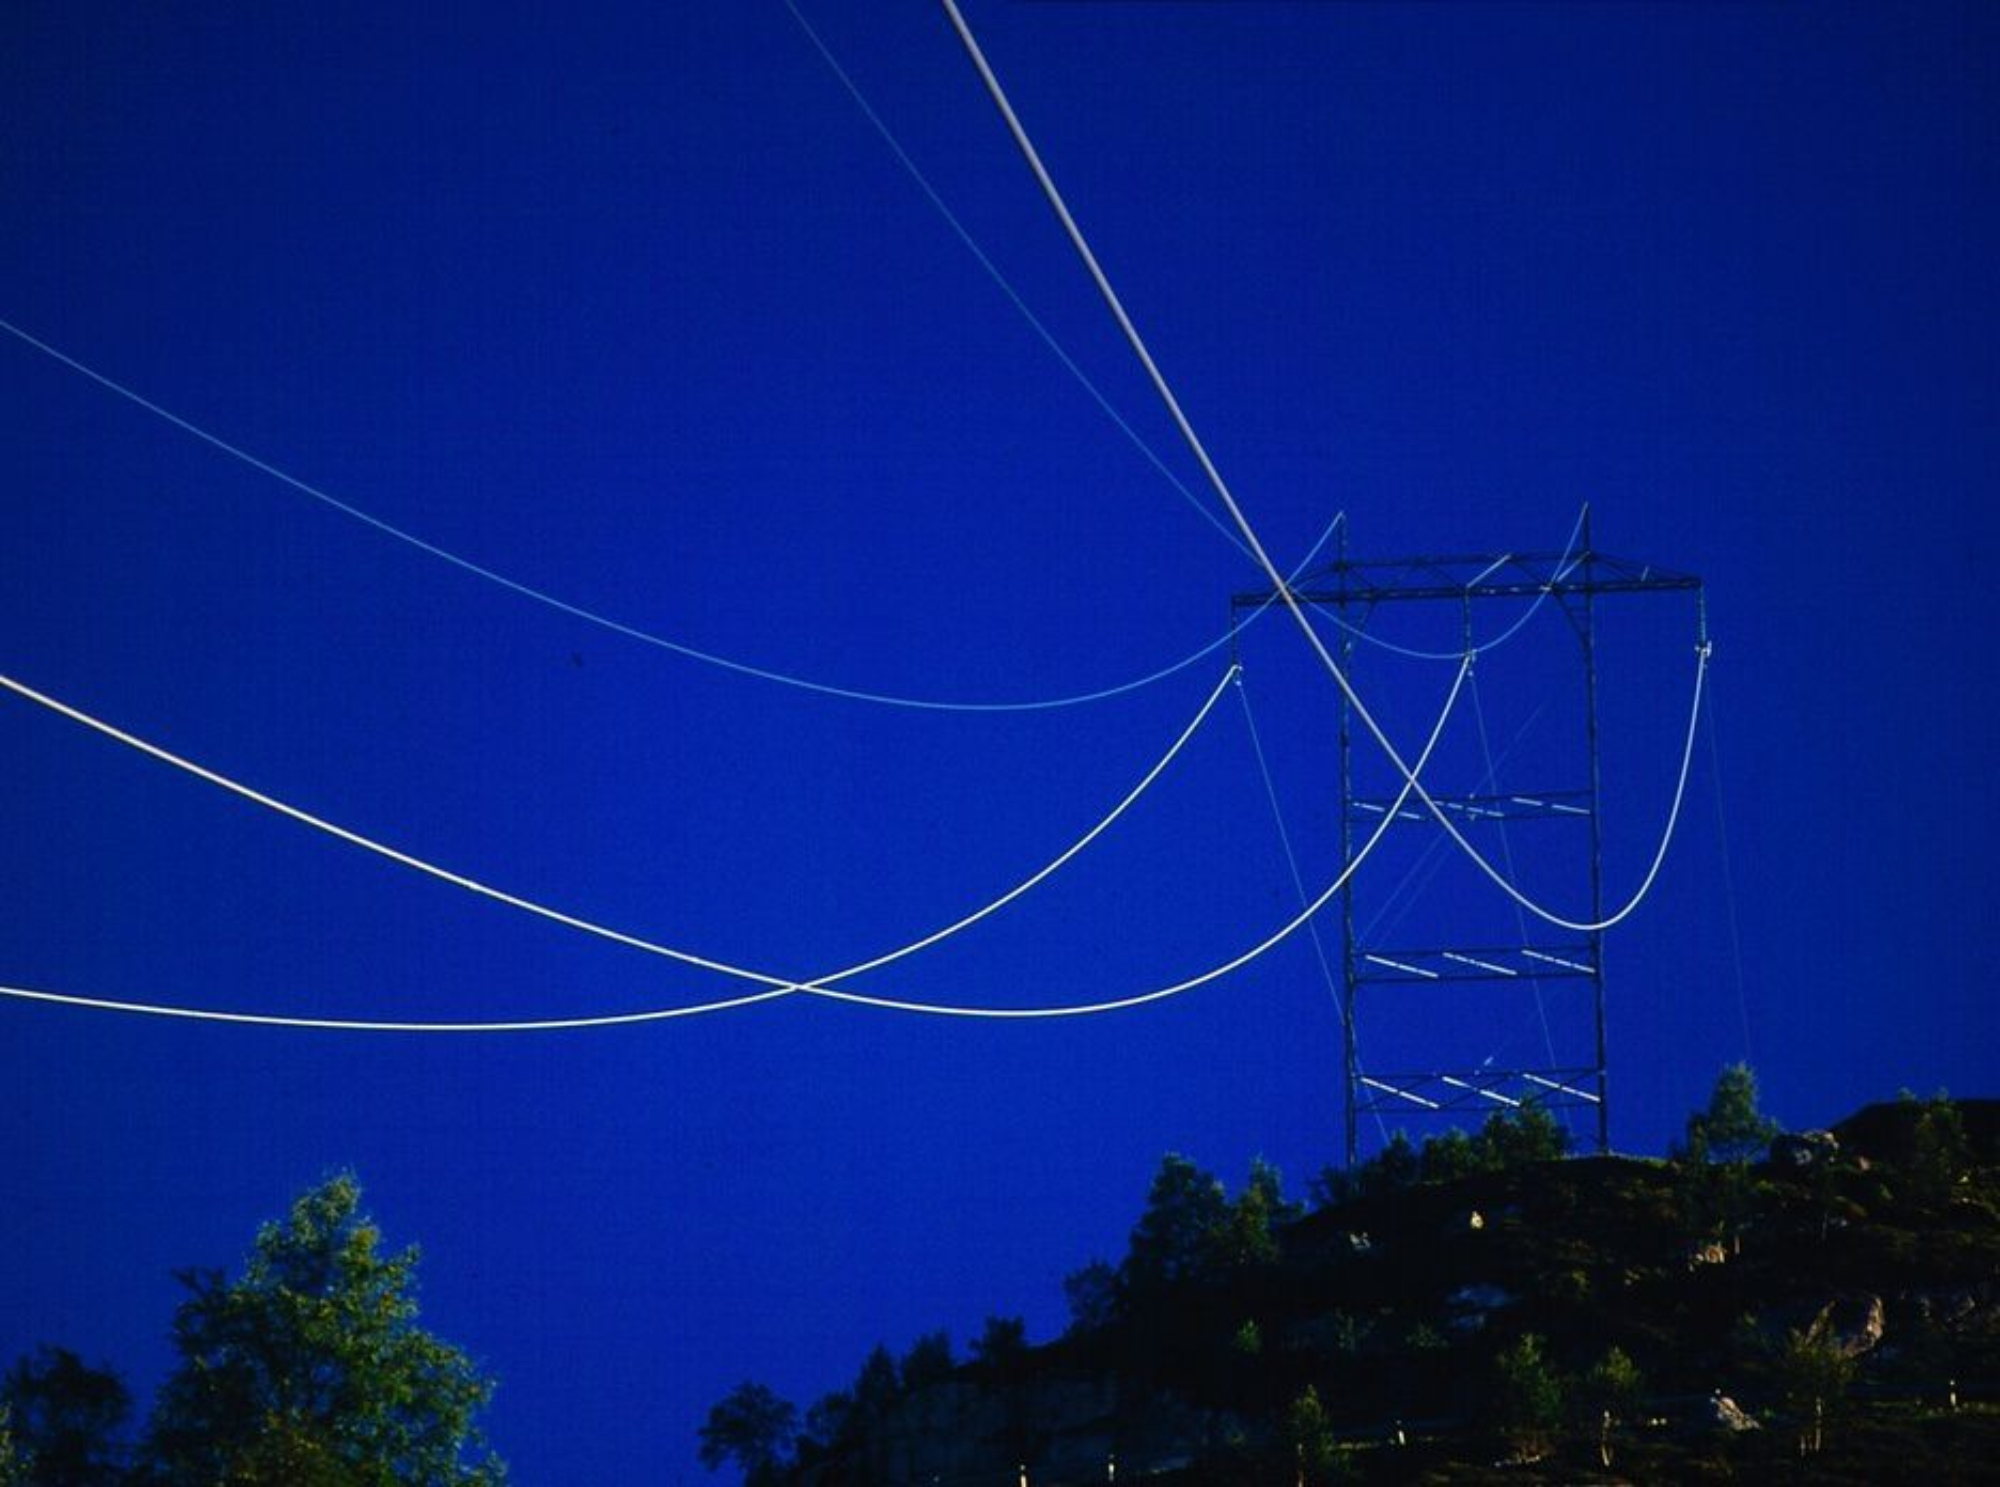 PROBLEMER: Statnett har problemer med to av tre transformatorer på Frogner i Akershus. Det fører til kapasitetsproblemer på strømnettet i området.